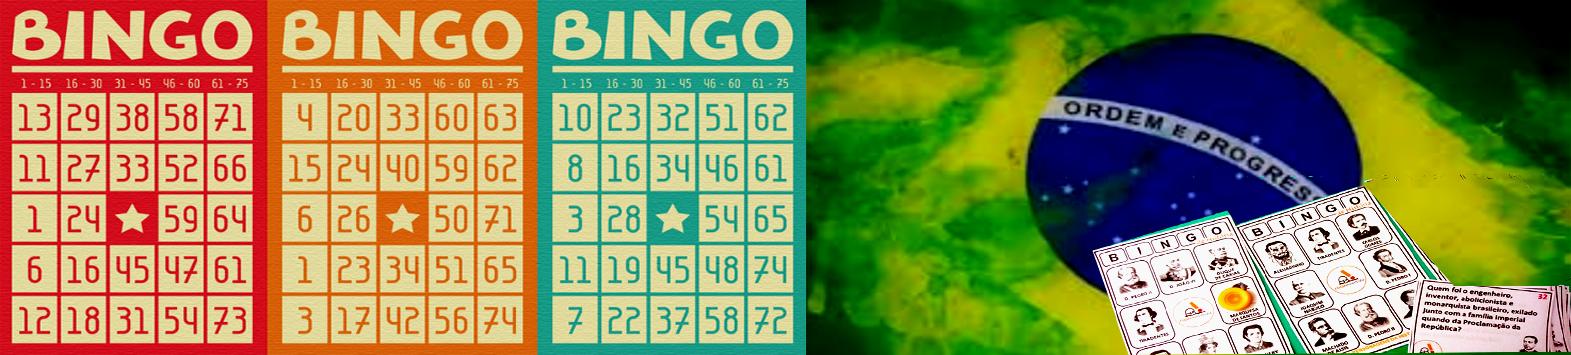 Cantar_bingo_com_regulações_em_processo_11